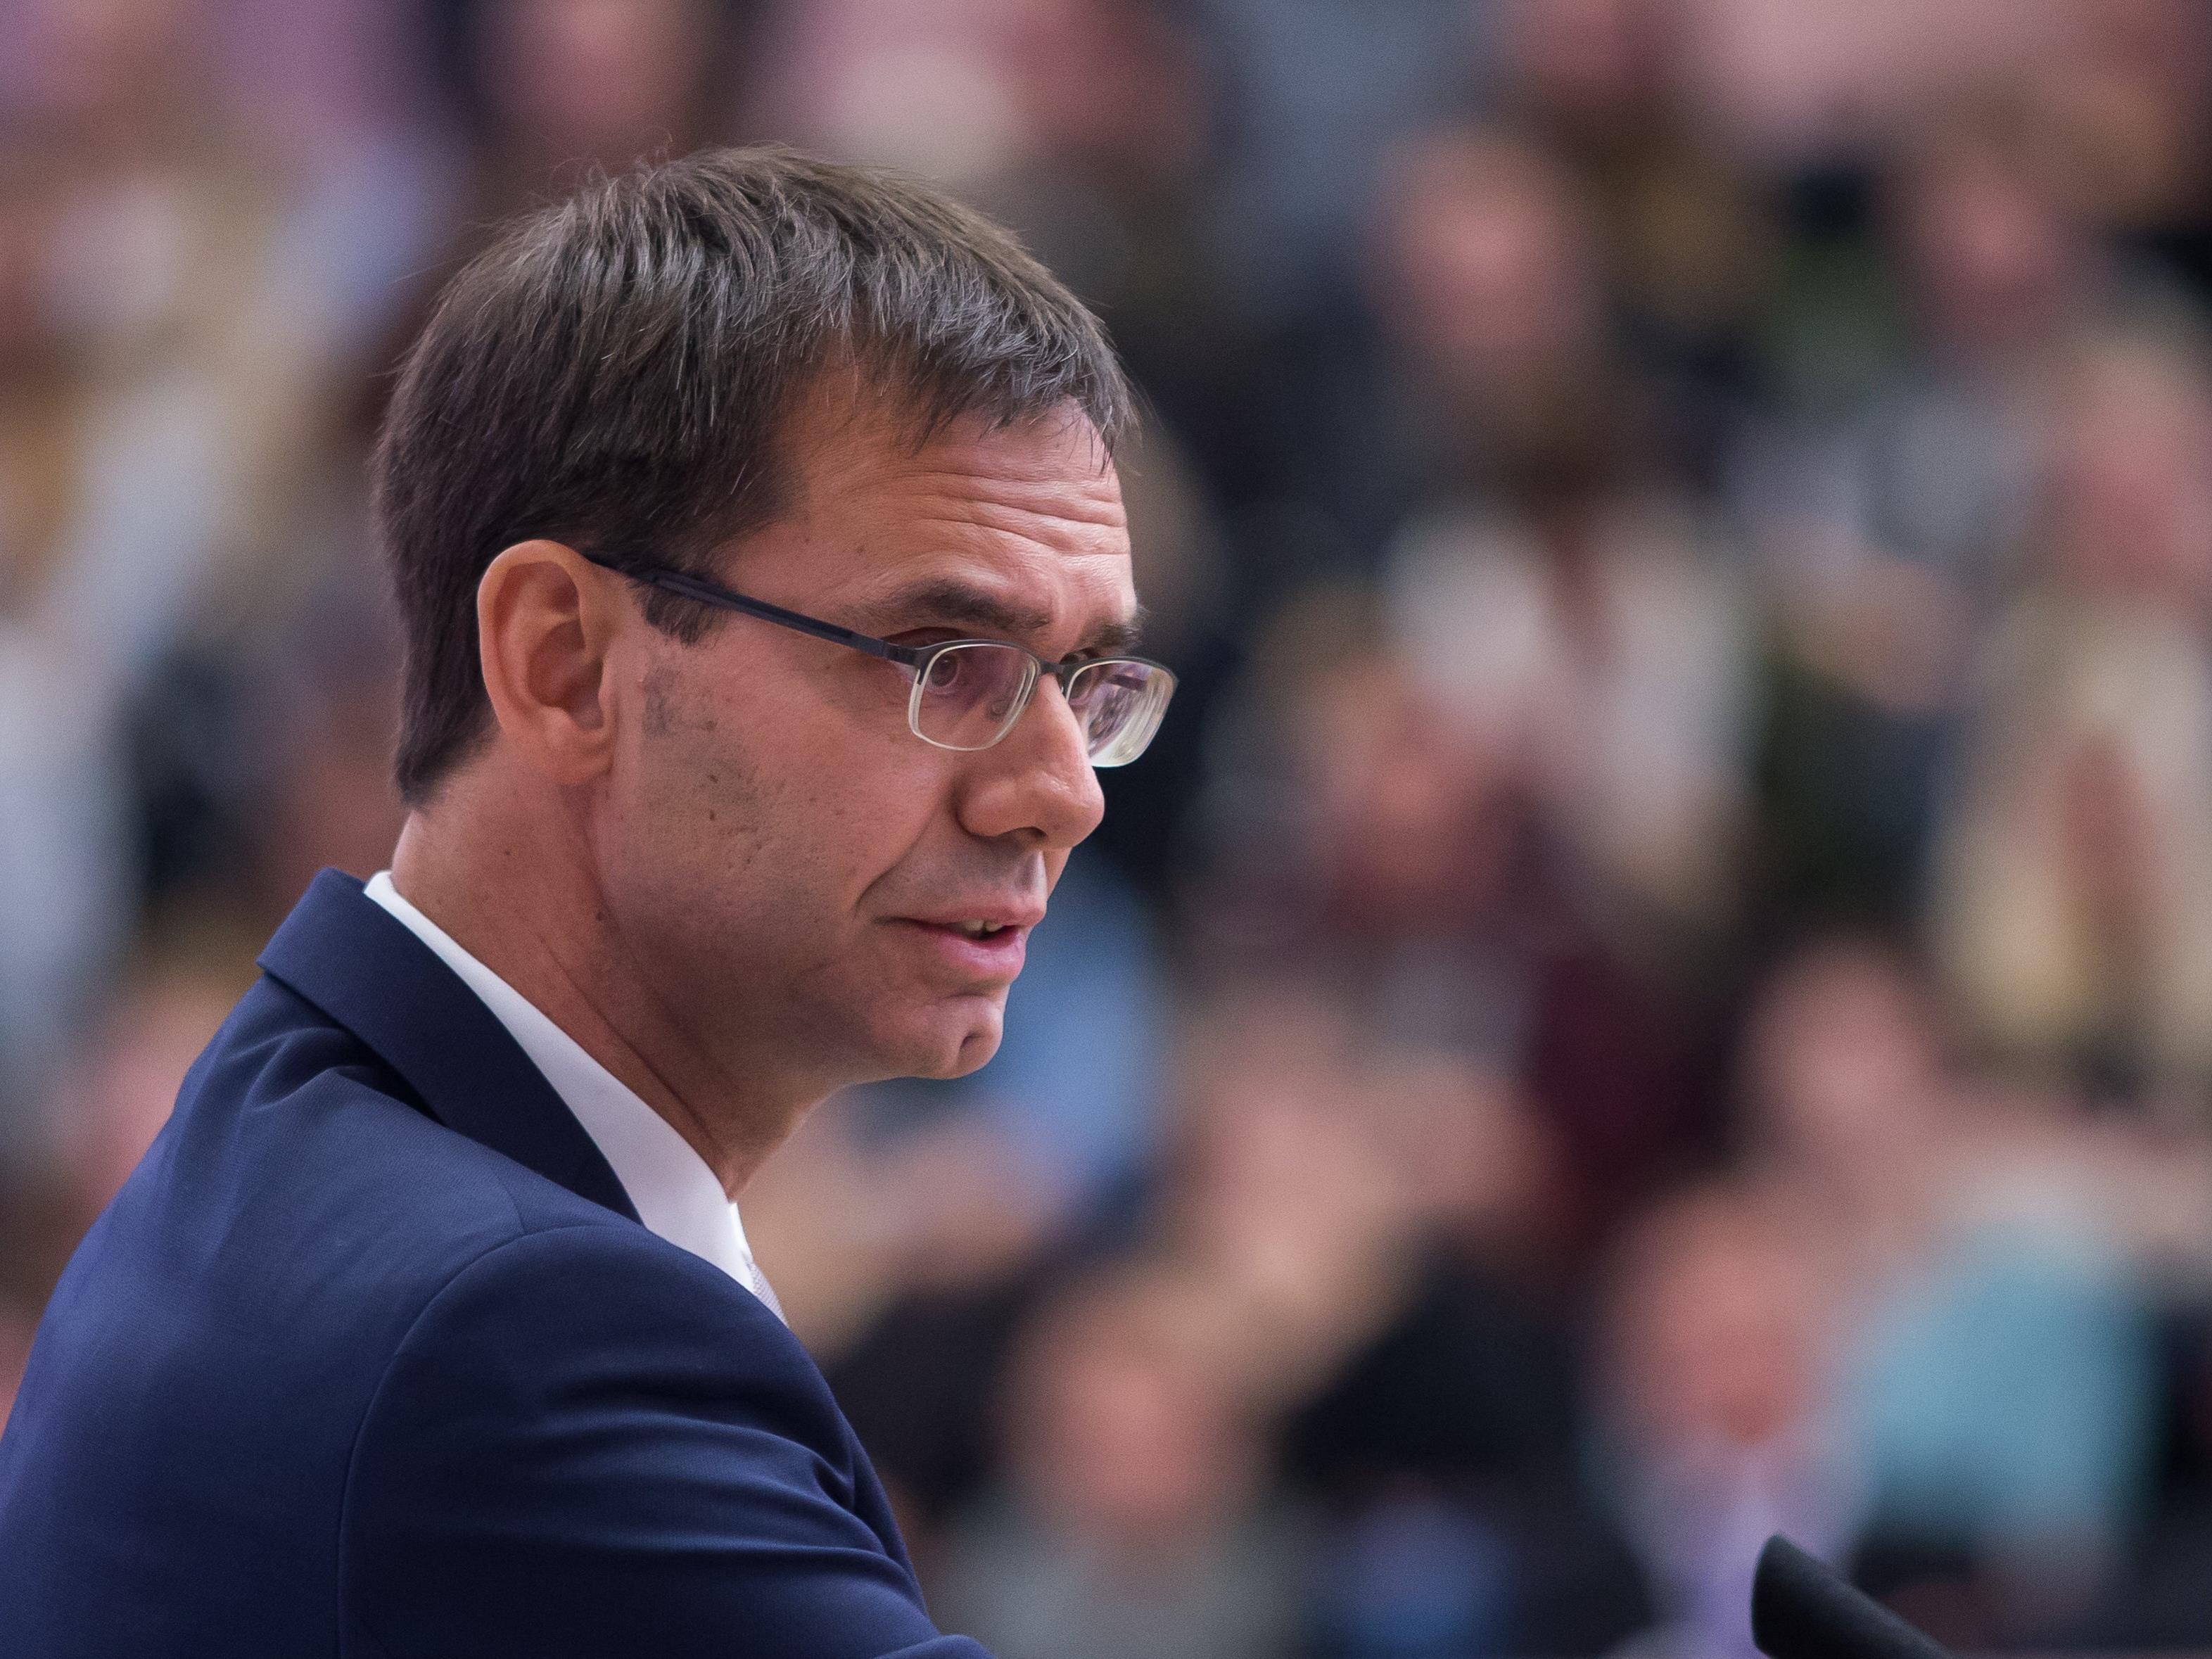 Markus Wallner bereitet das Wahlverhalten österreichischer Auslandstürken Sorgen.